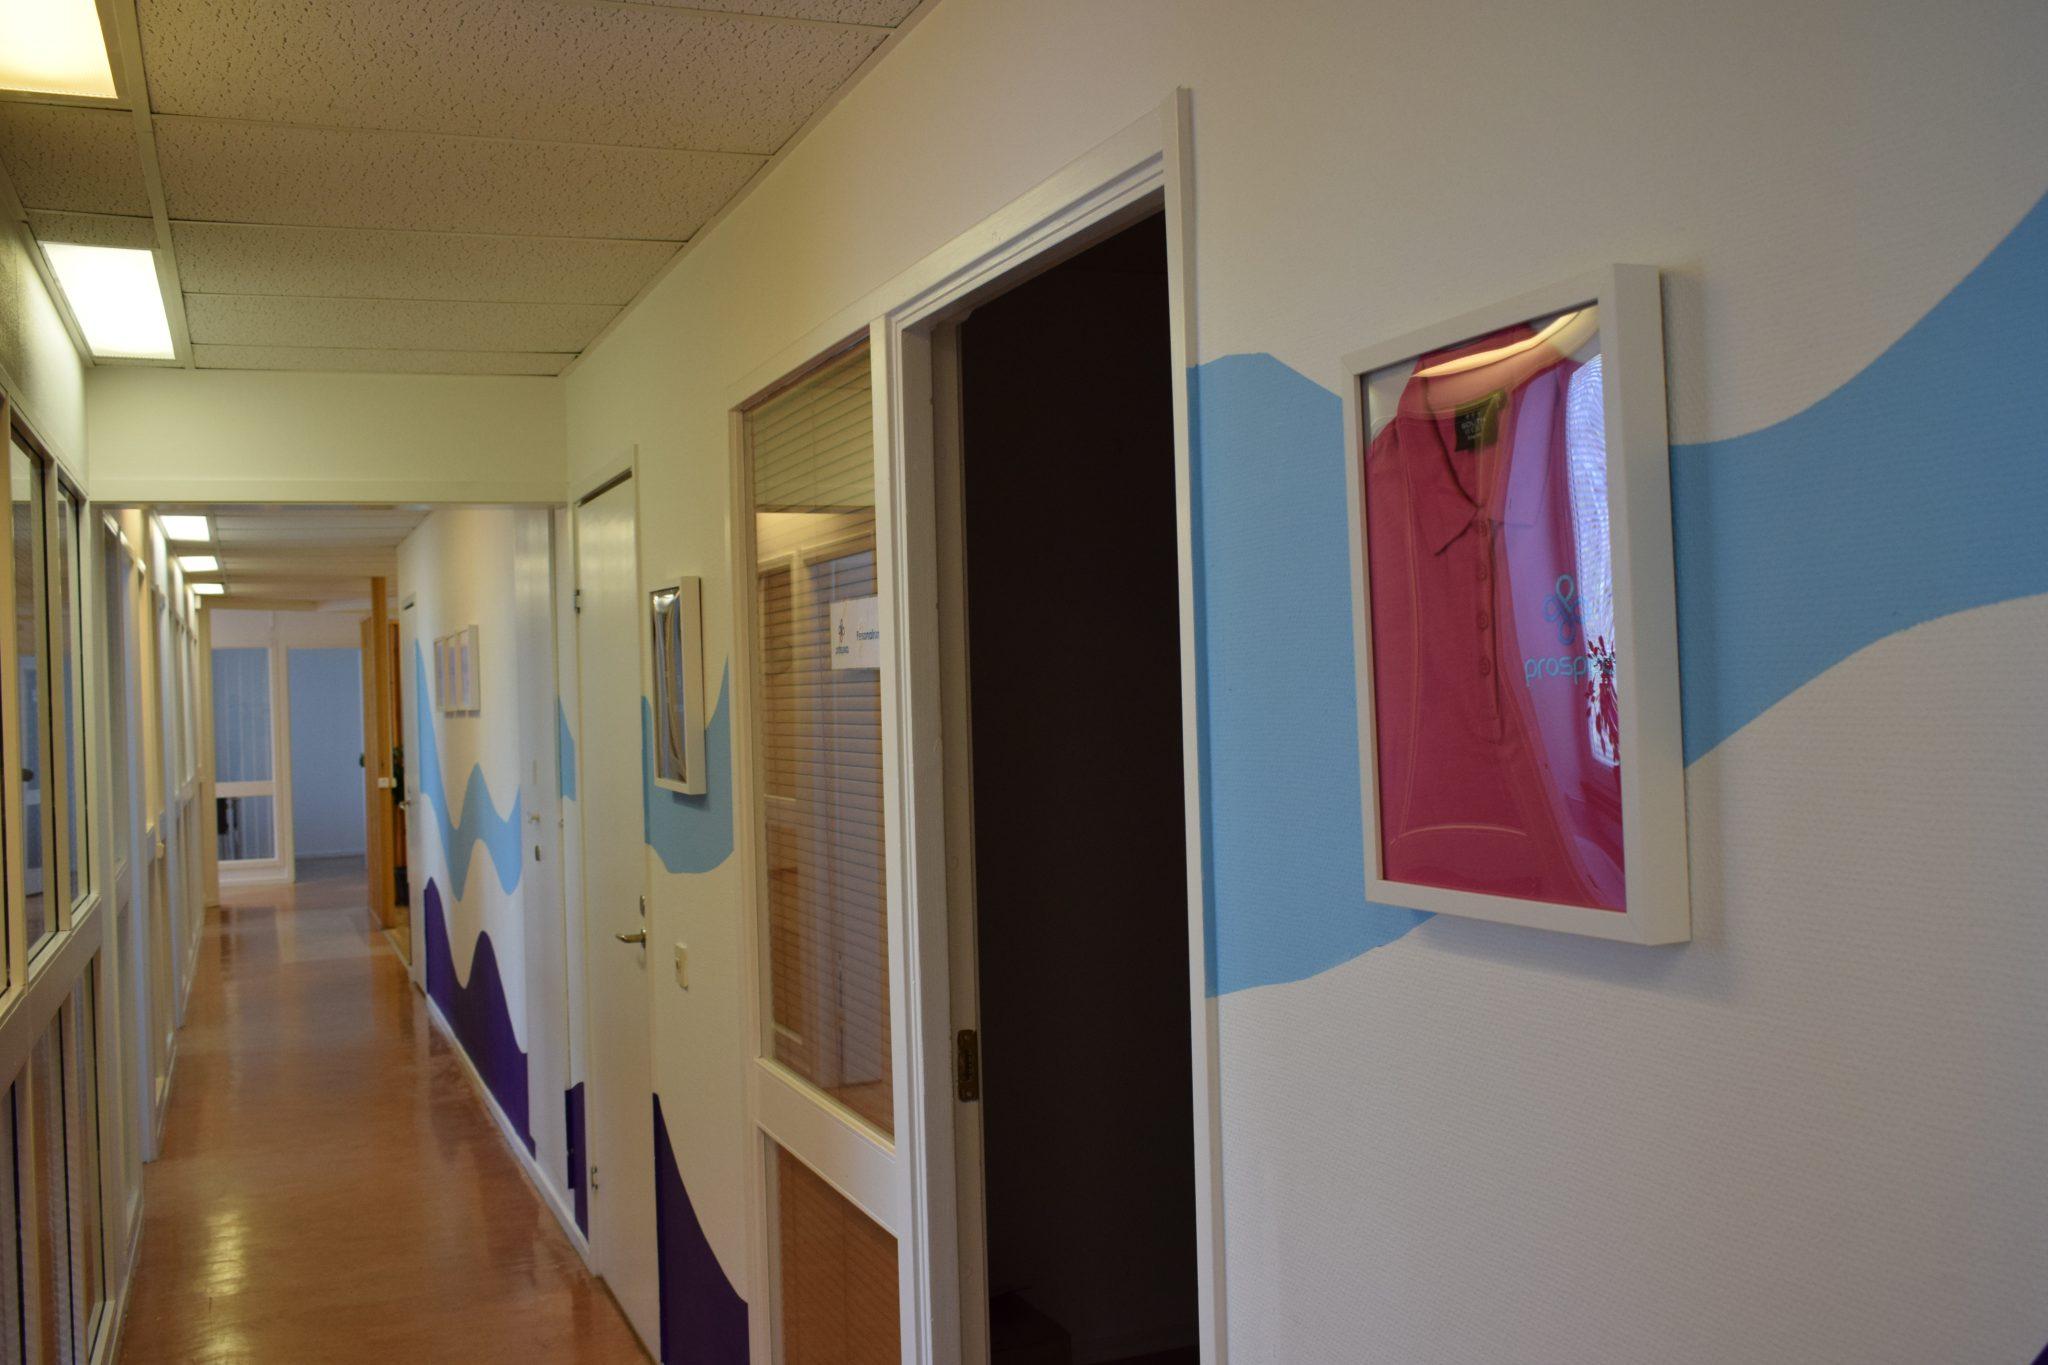 Prospea öppnar sitt nya kontor i Sundbyberg